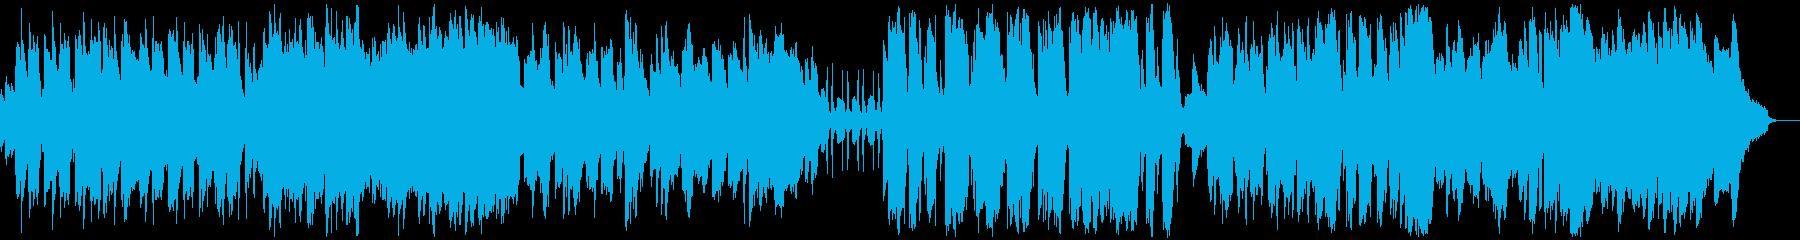 明るいお洒落なアコーディオンBGMの再生済みの波形